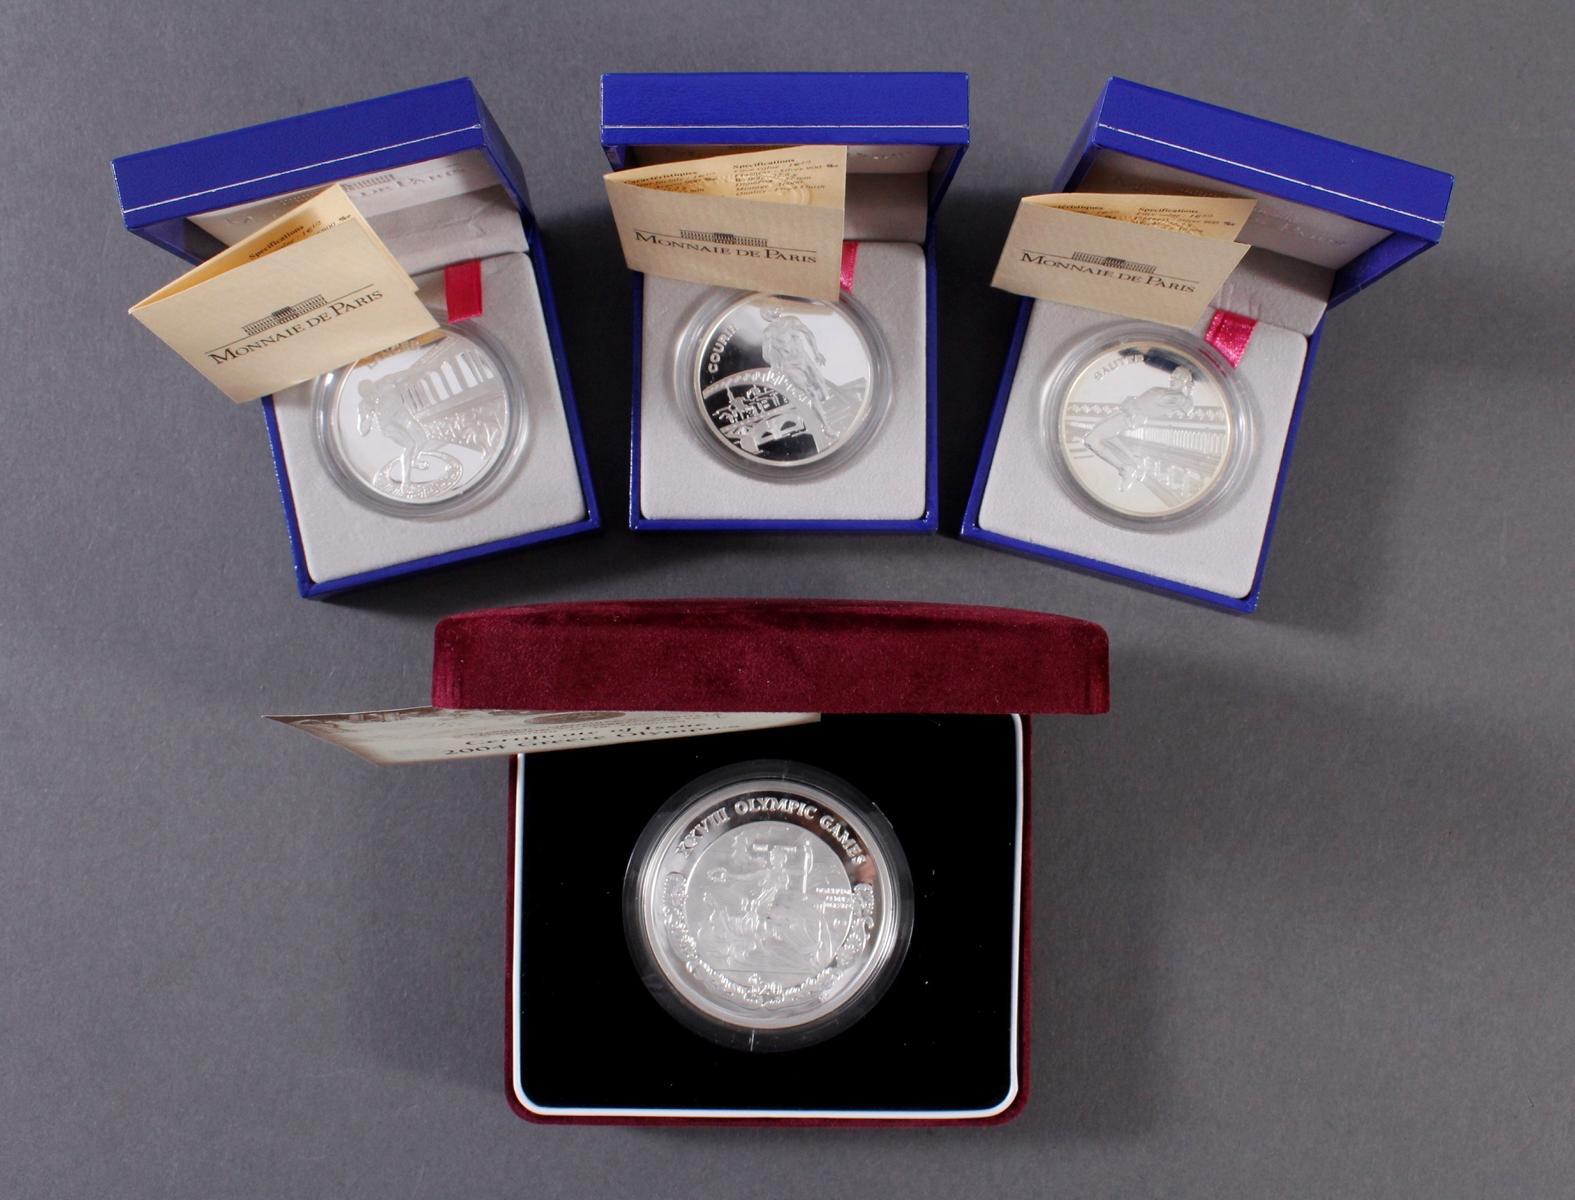 3 Silbermünzen Monnaie de Paris und Olympische Spiele Griechenland 2004